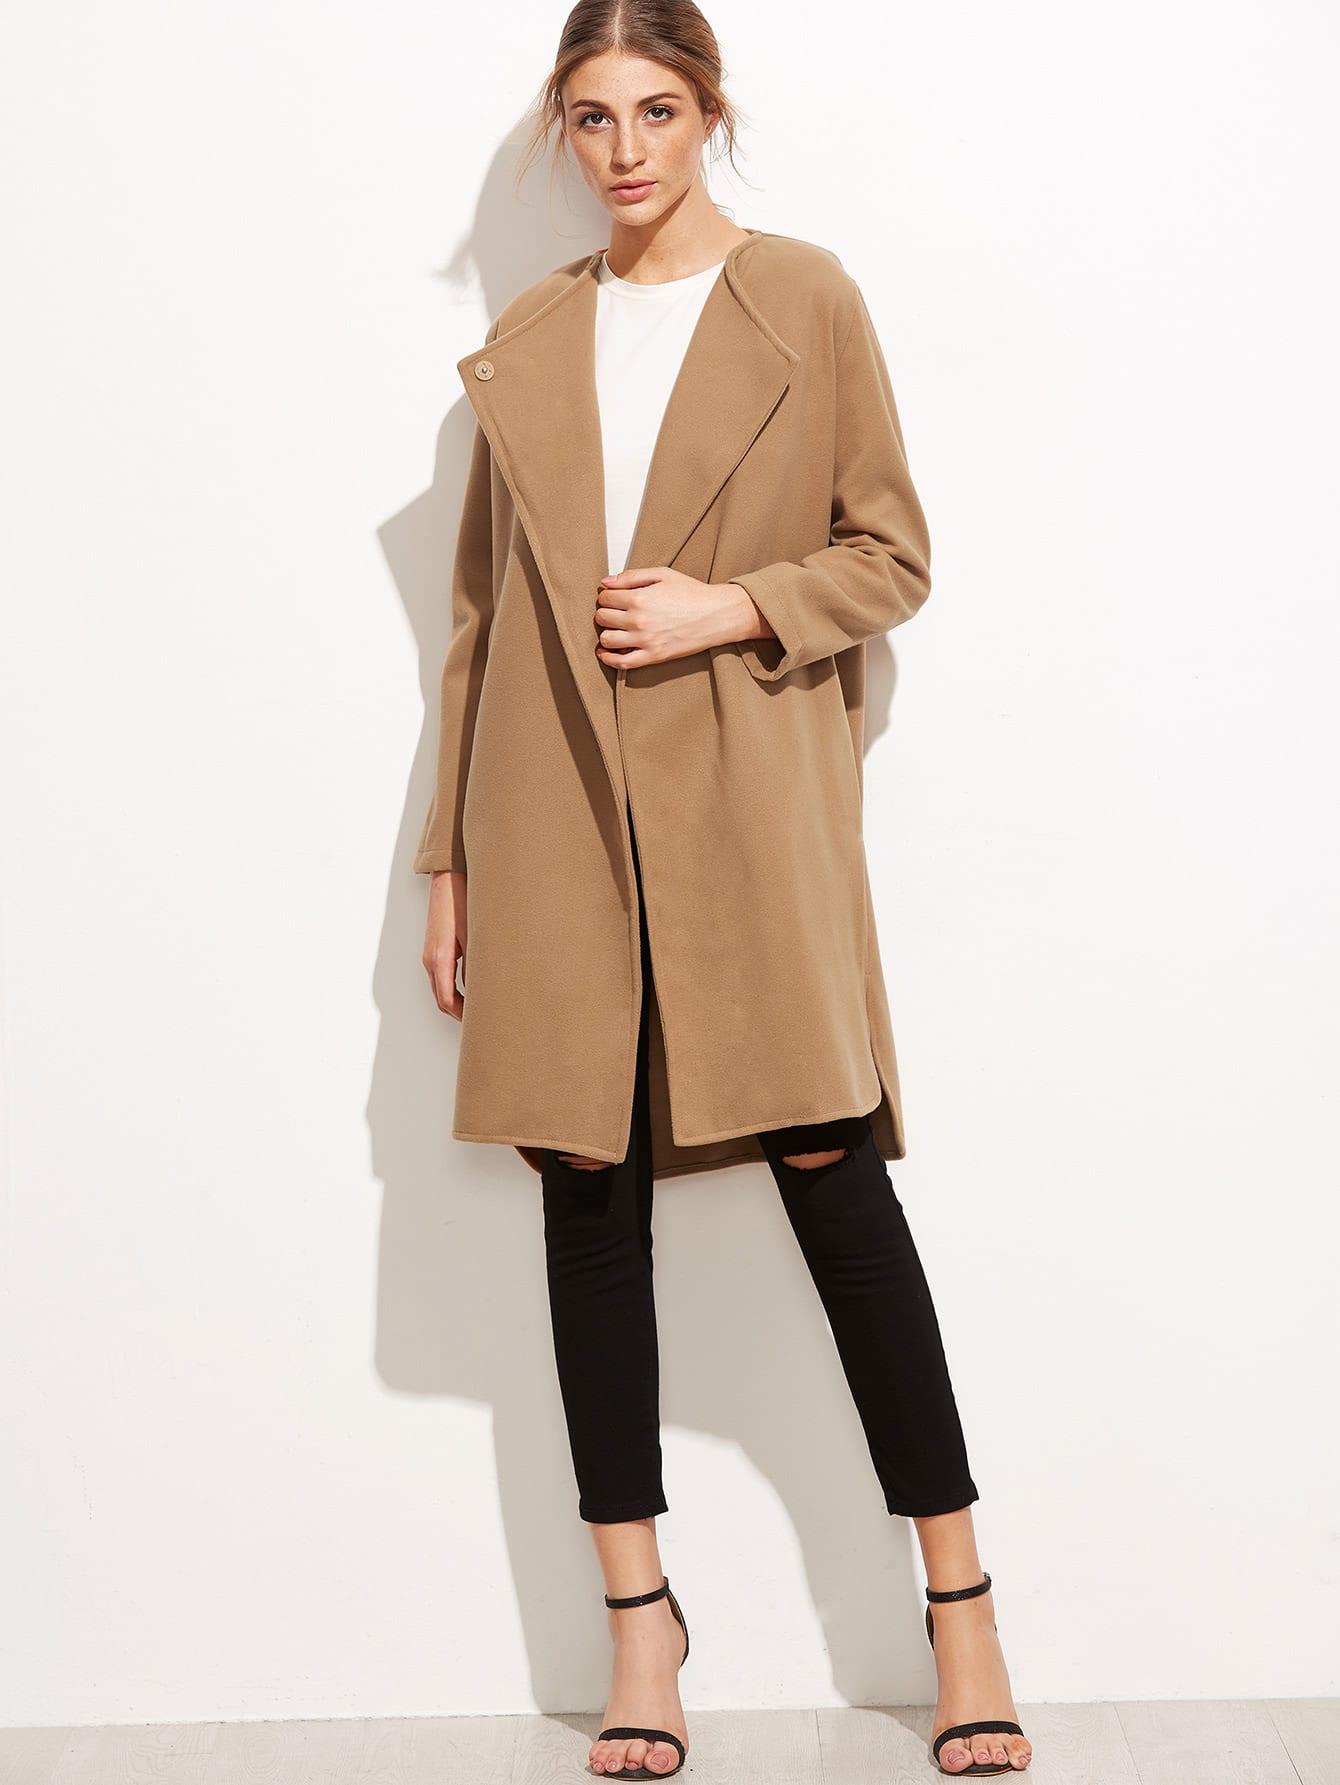 Khaki Slit Side Curved Hem Coat batwing sleeve pocket side curved hem textured dress